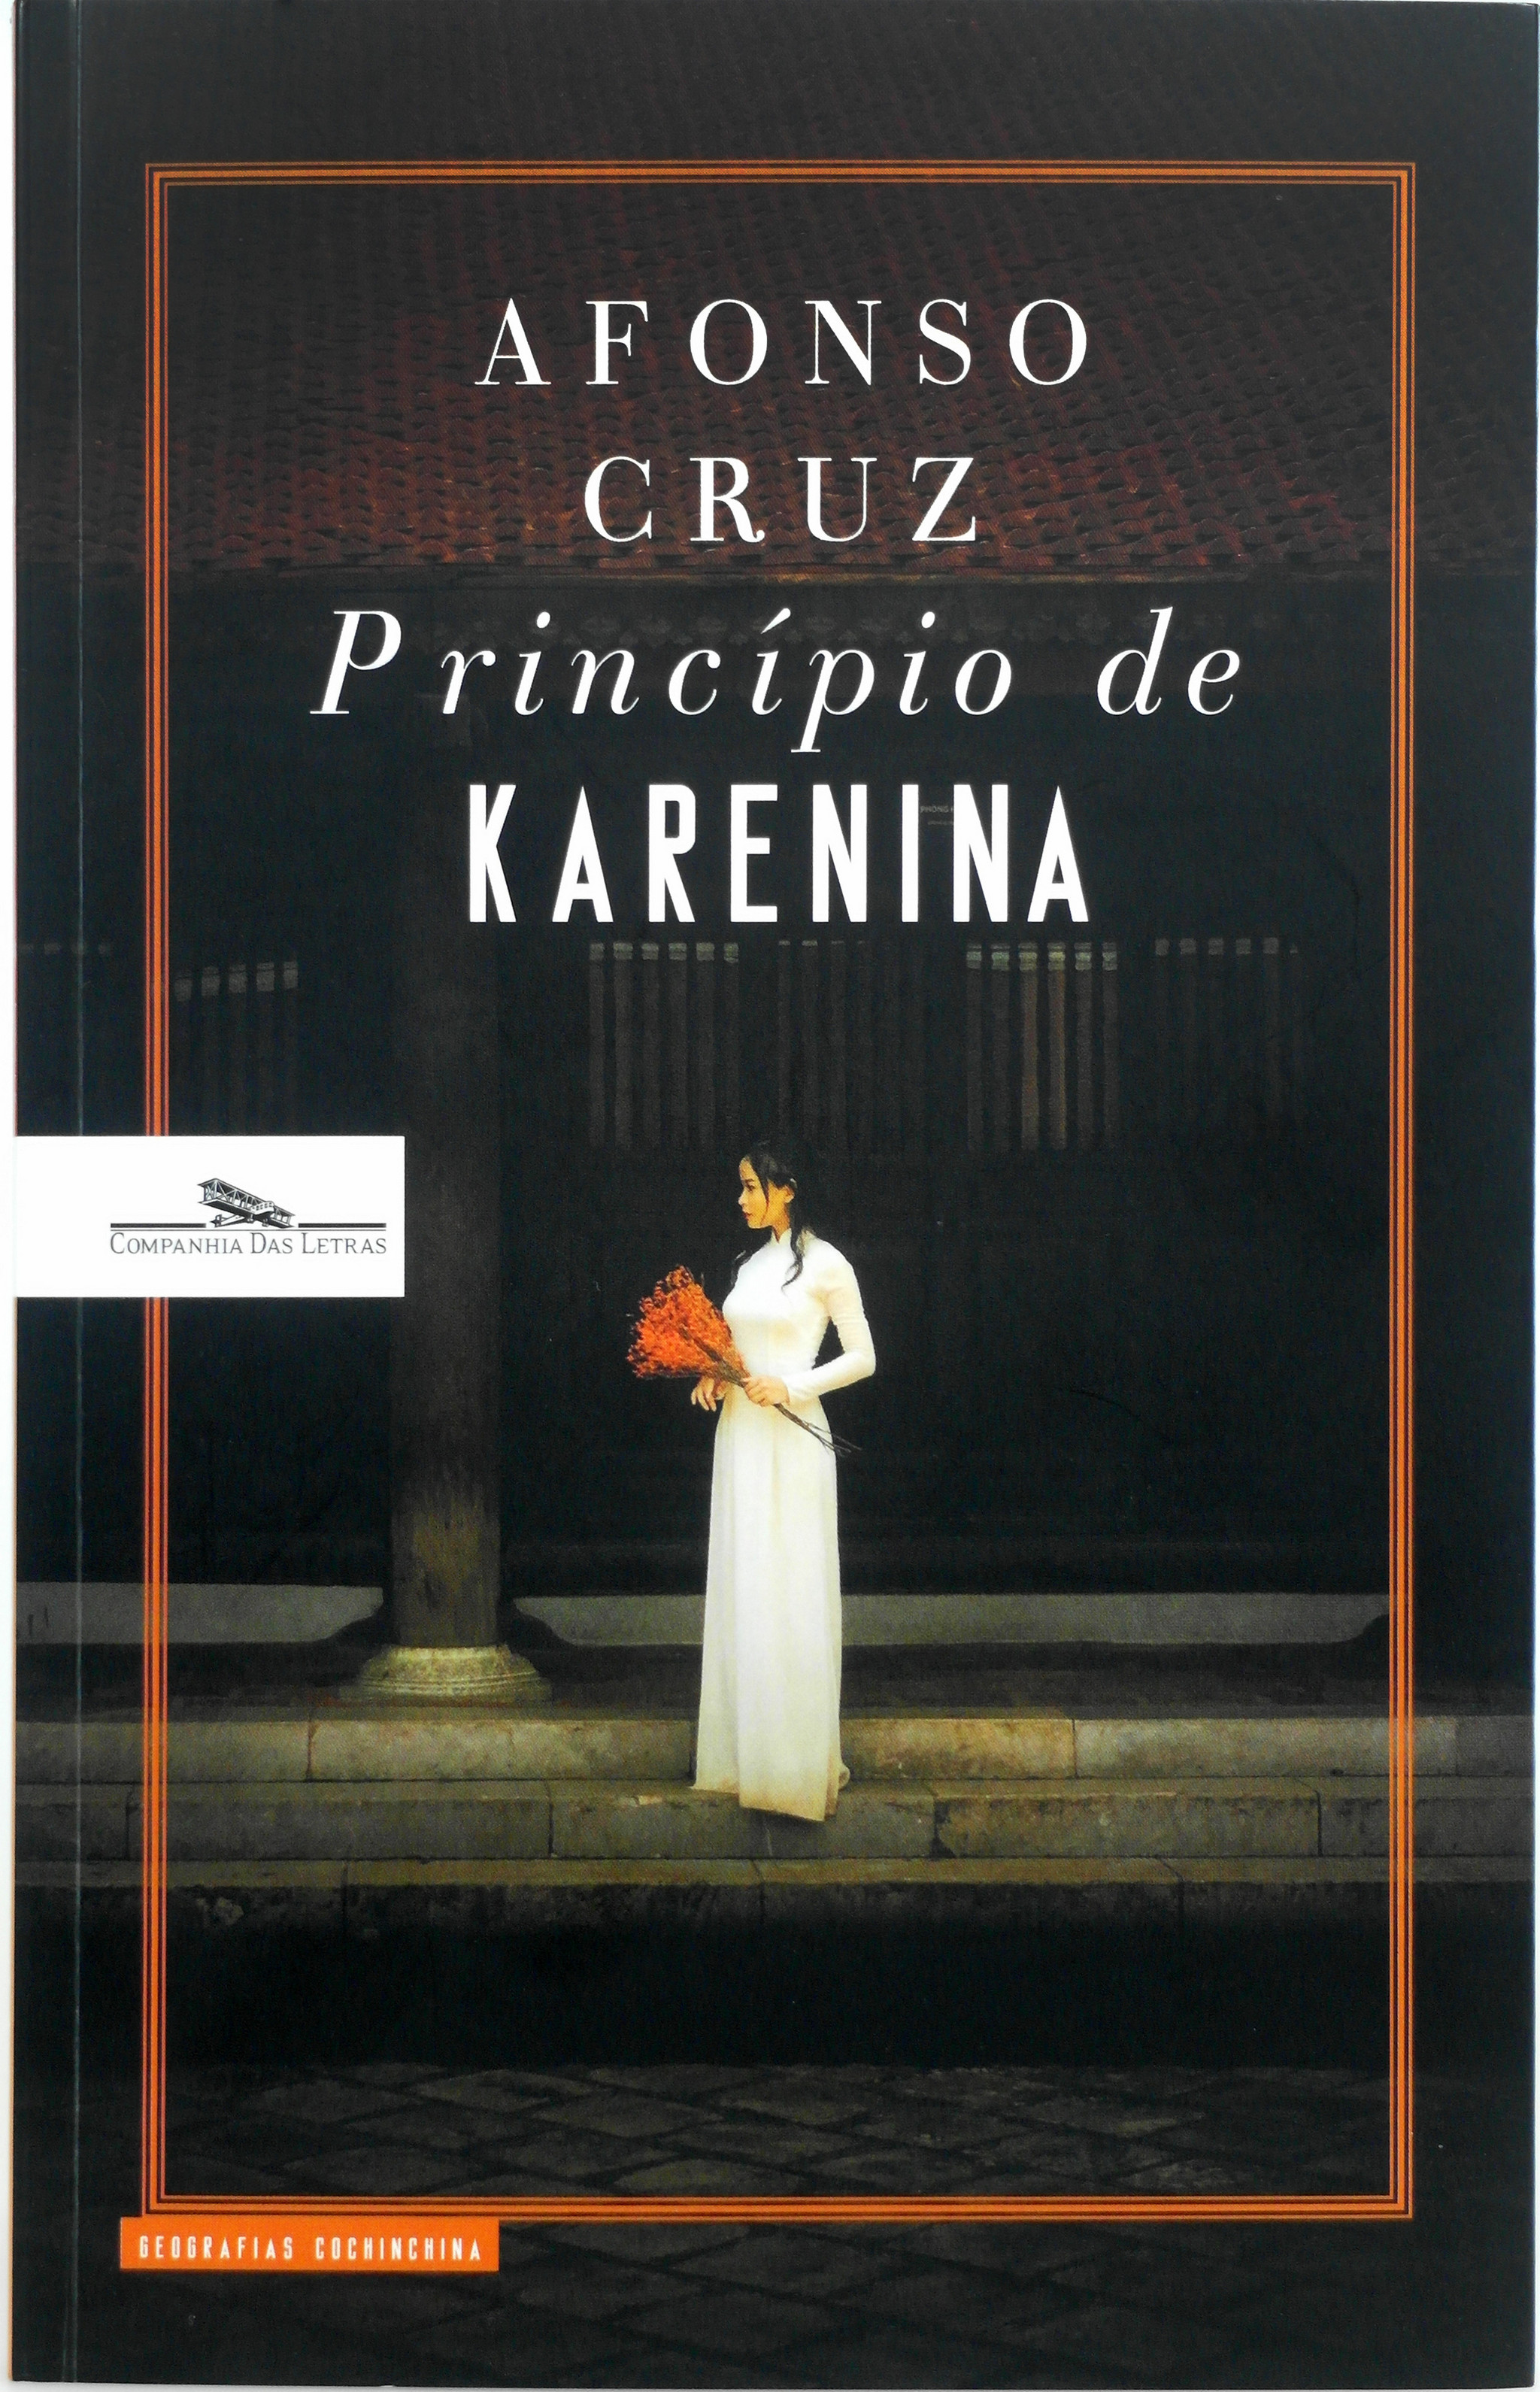 livro Principio de Carena de Afonso Cruz.JPG